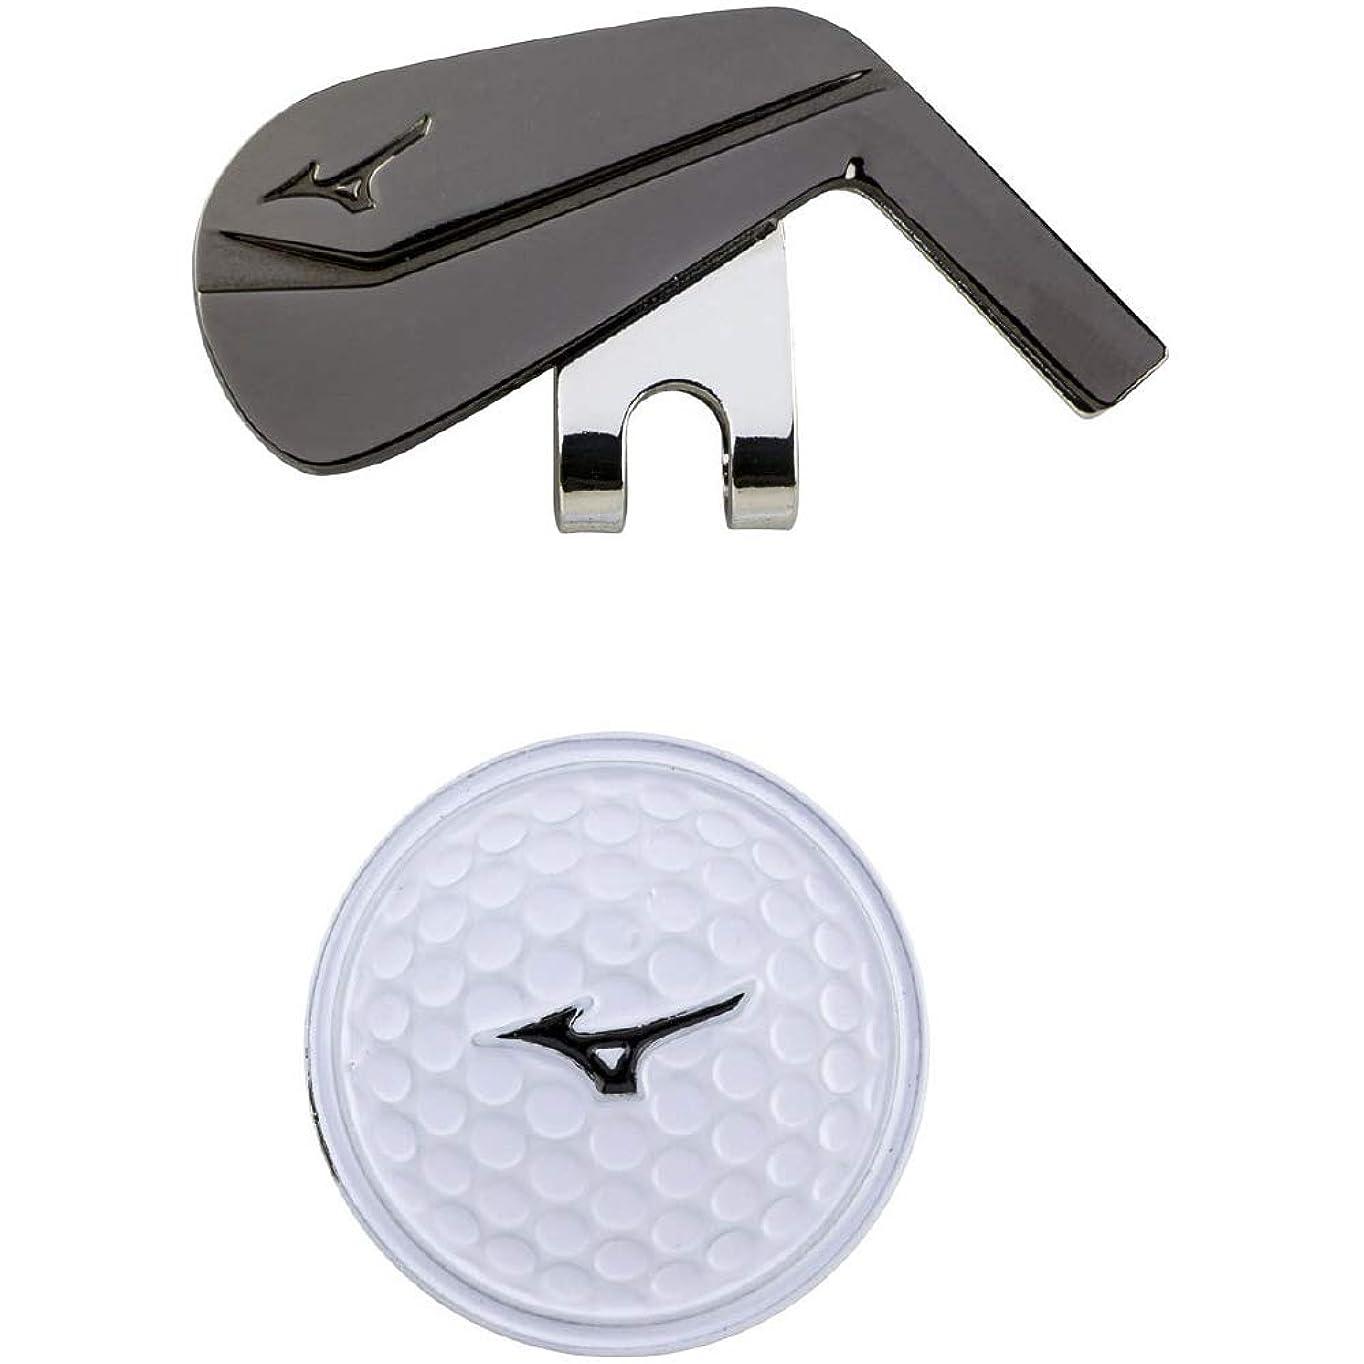 盲信忌避剤起きてHirayuki グリーンマーカー ゴルフ ラウンド用品 チップマーカー (10枚セット)